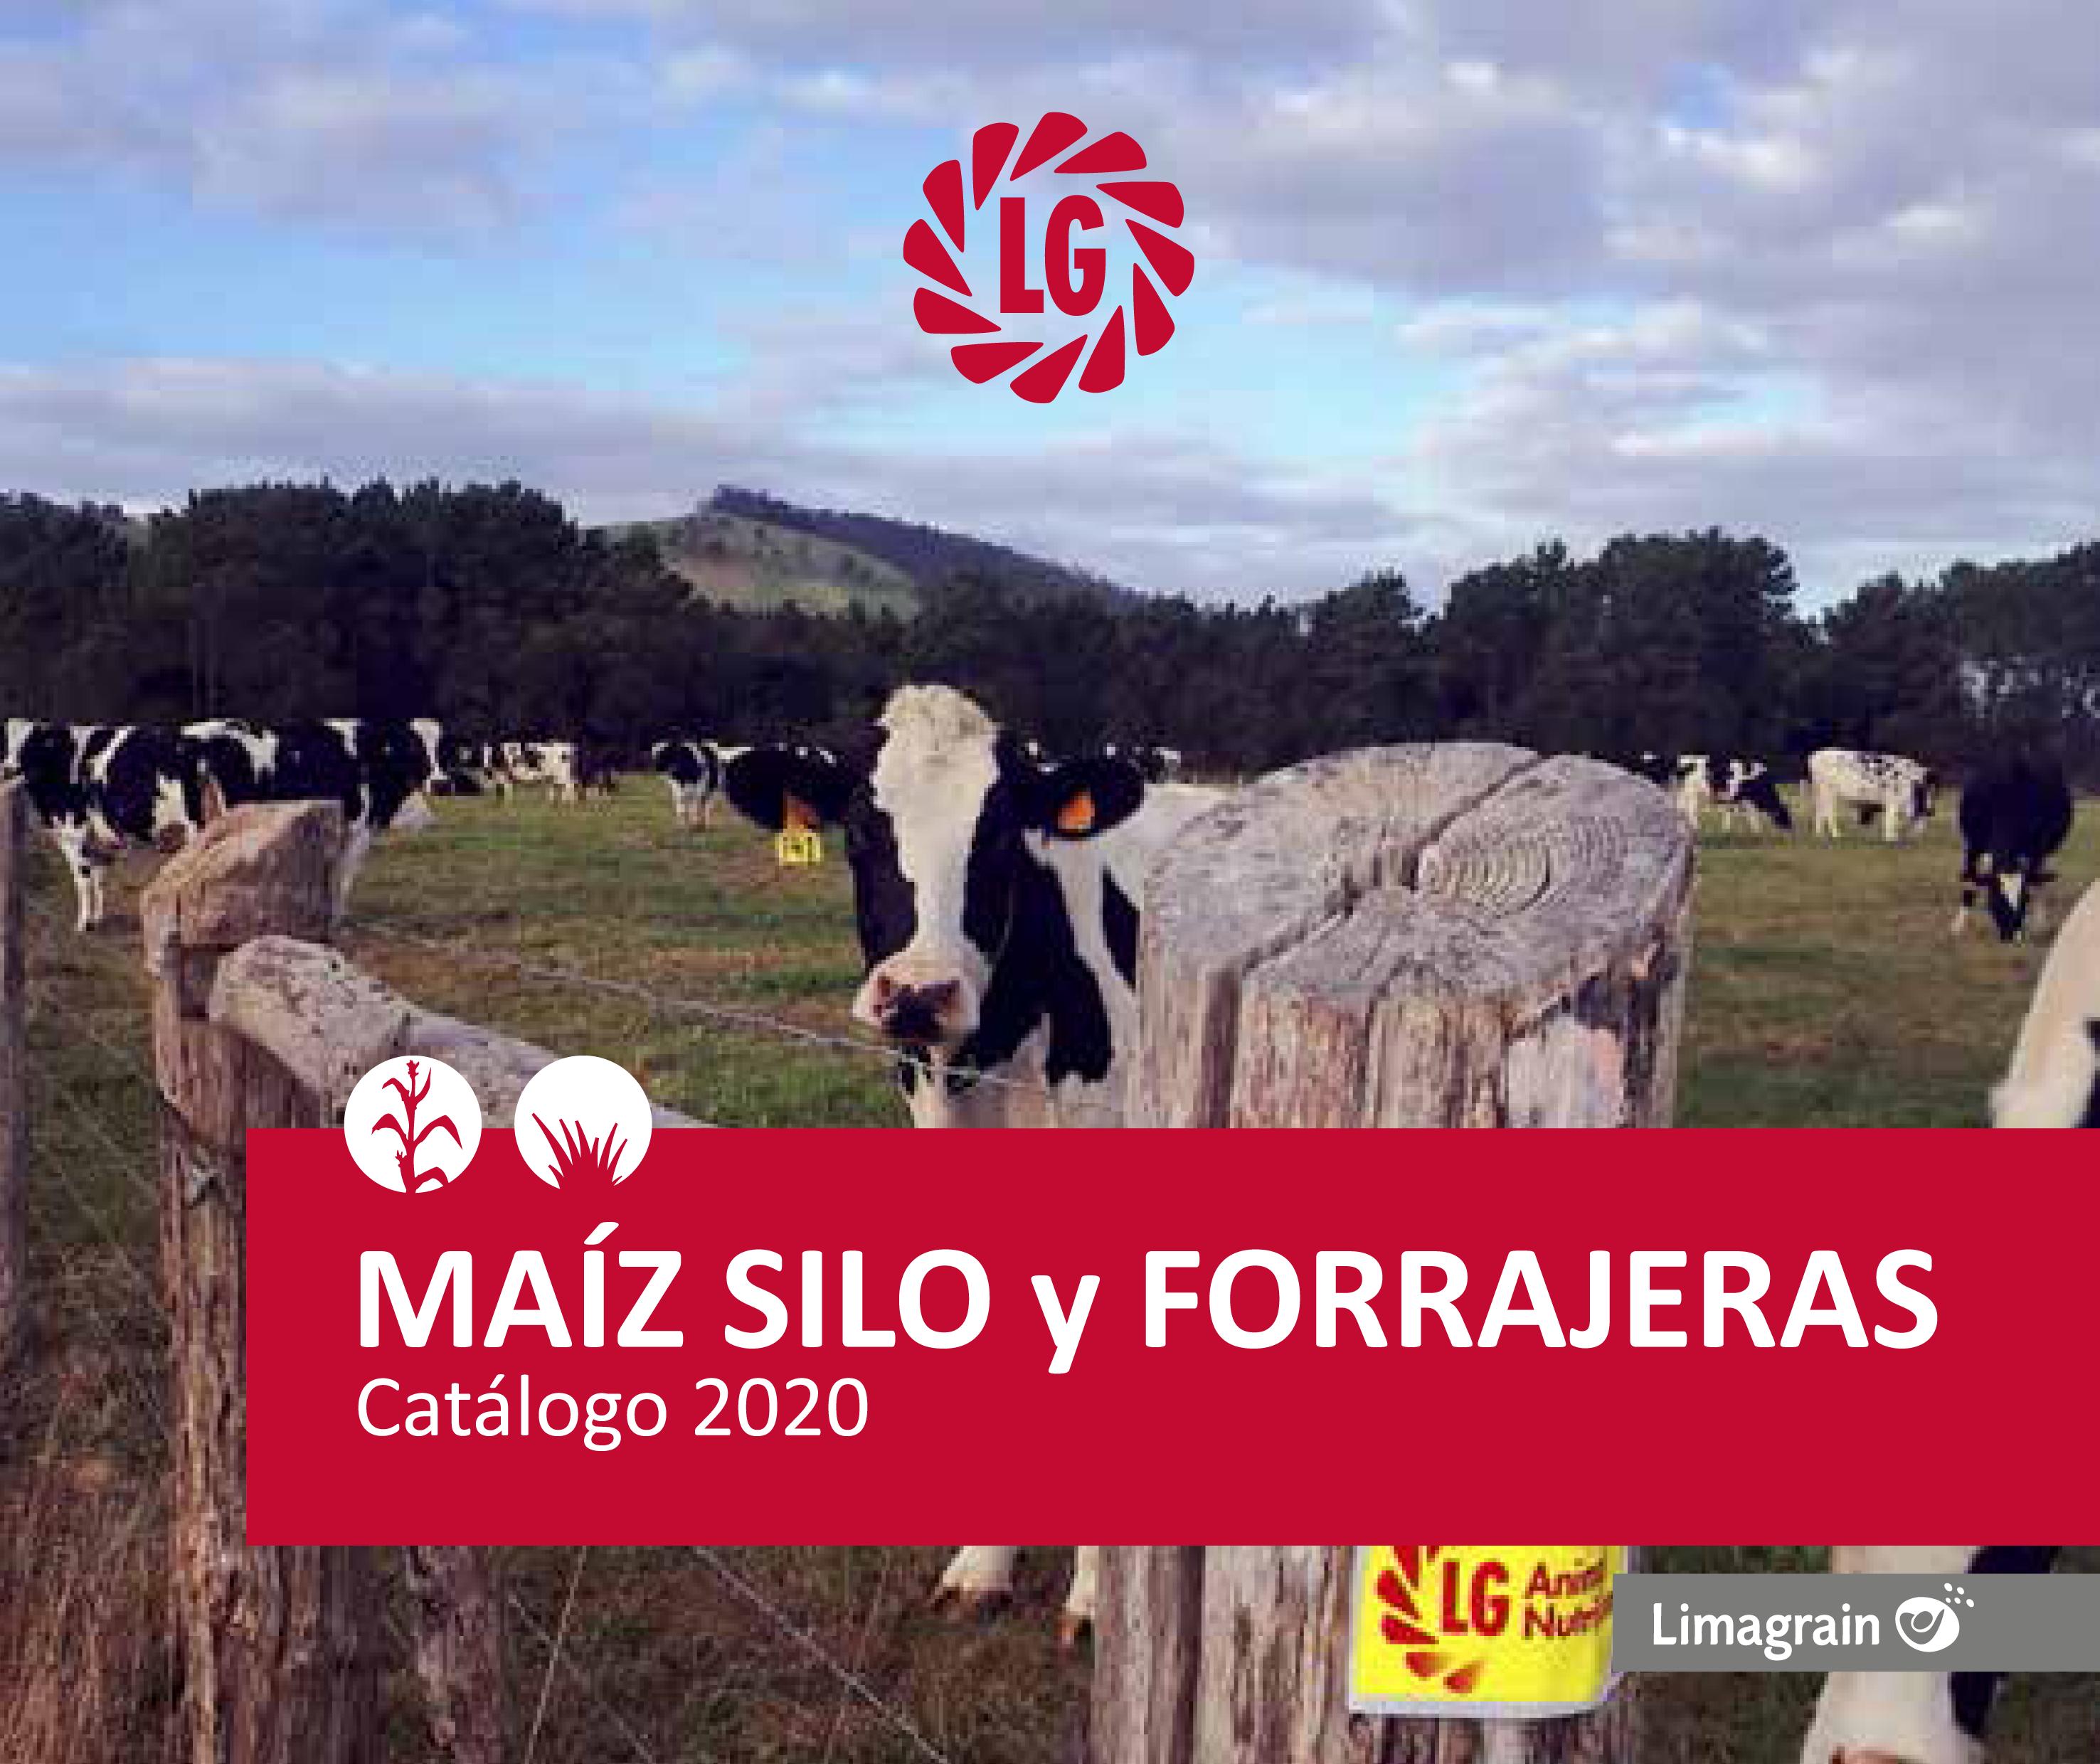 2020 CATALOGO SILO Y FORRAJERAS